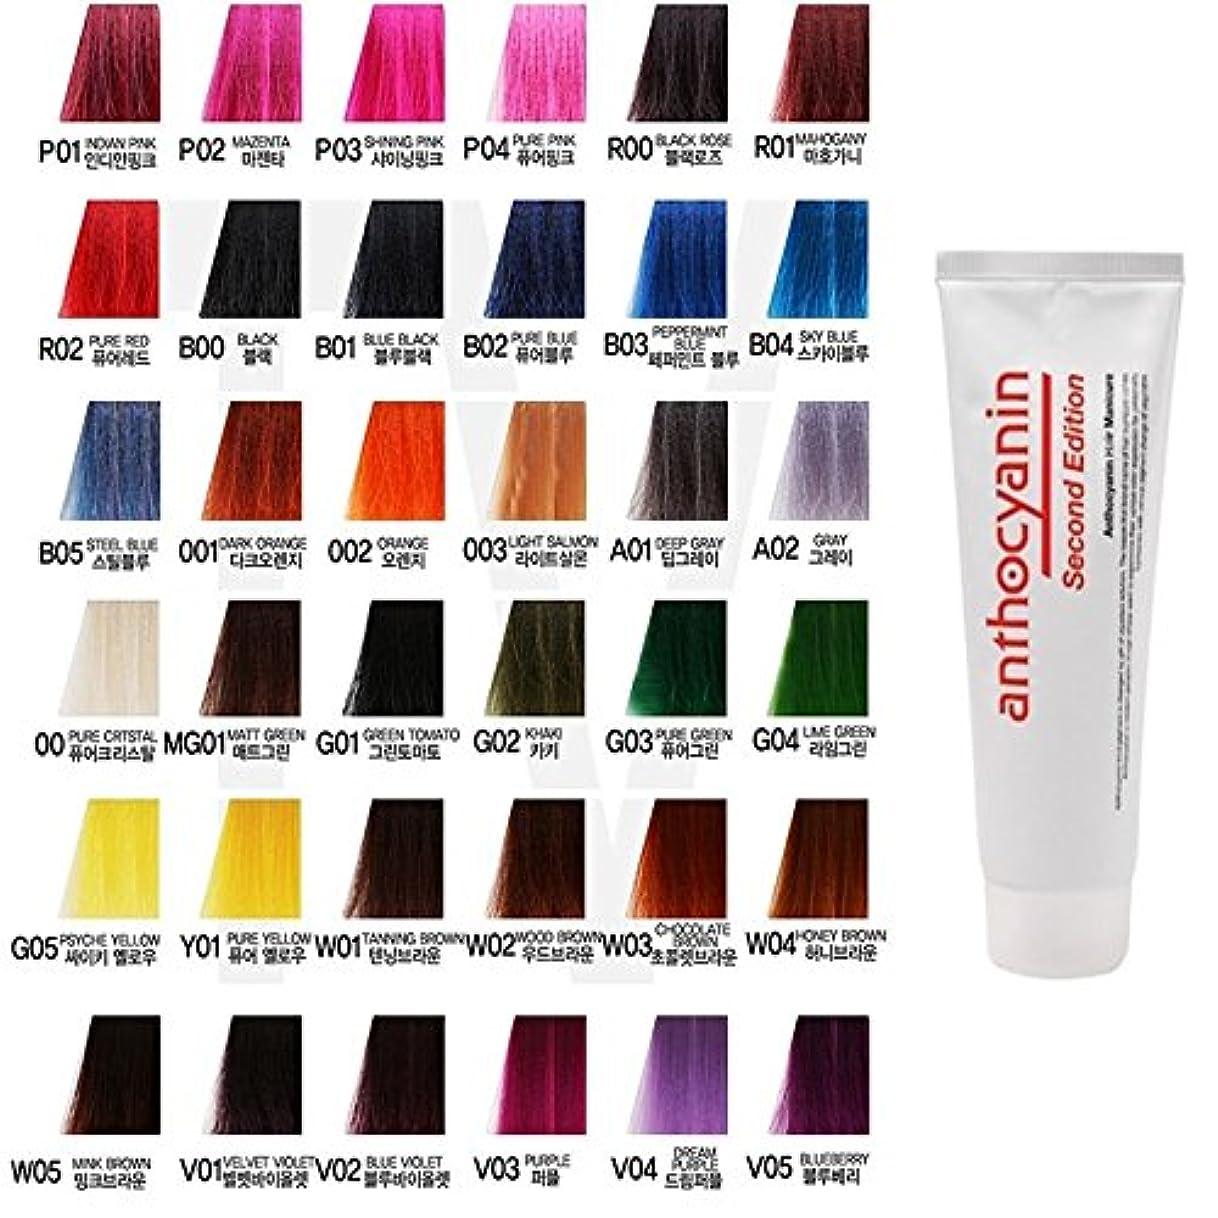 作る入場料封建ヘア マニキュア カラー セカンド エディション 230g セミ パーマネント 染毛剤 ( Hair Manicure Color Second Edition 230g Semi Permanent Hair Dye) [並行輸入品] (A01 Deep Gray)